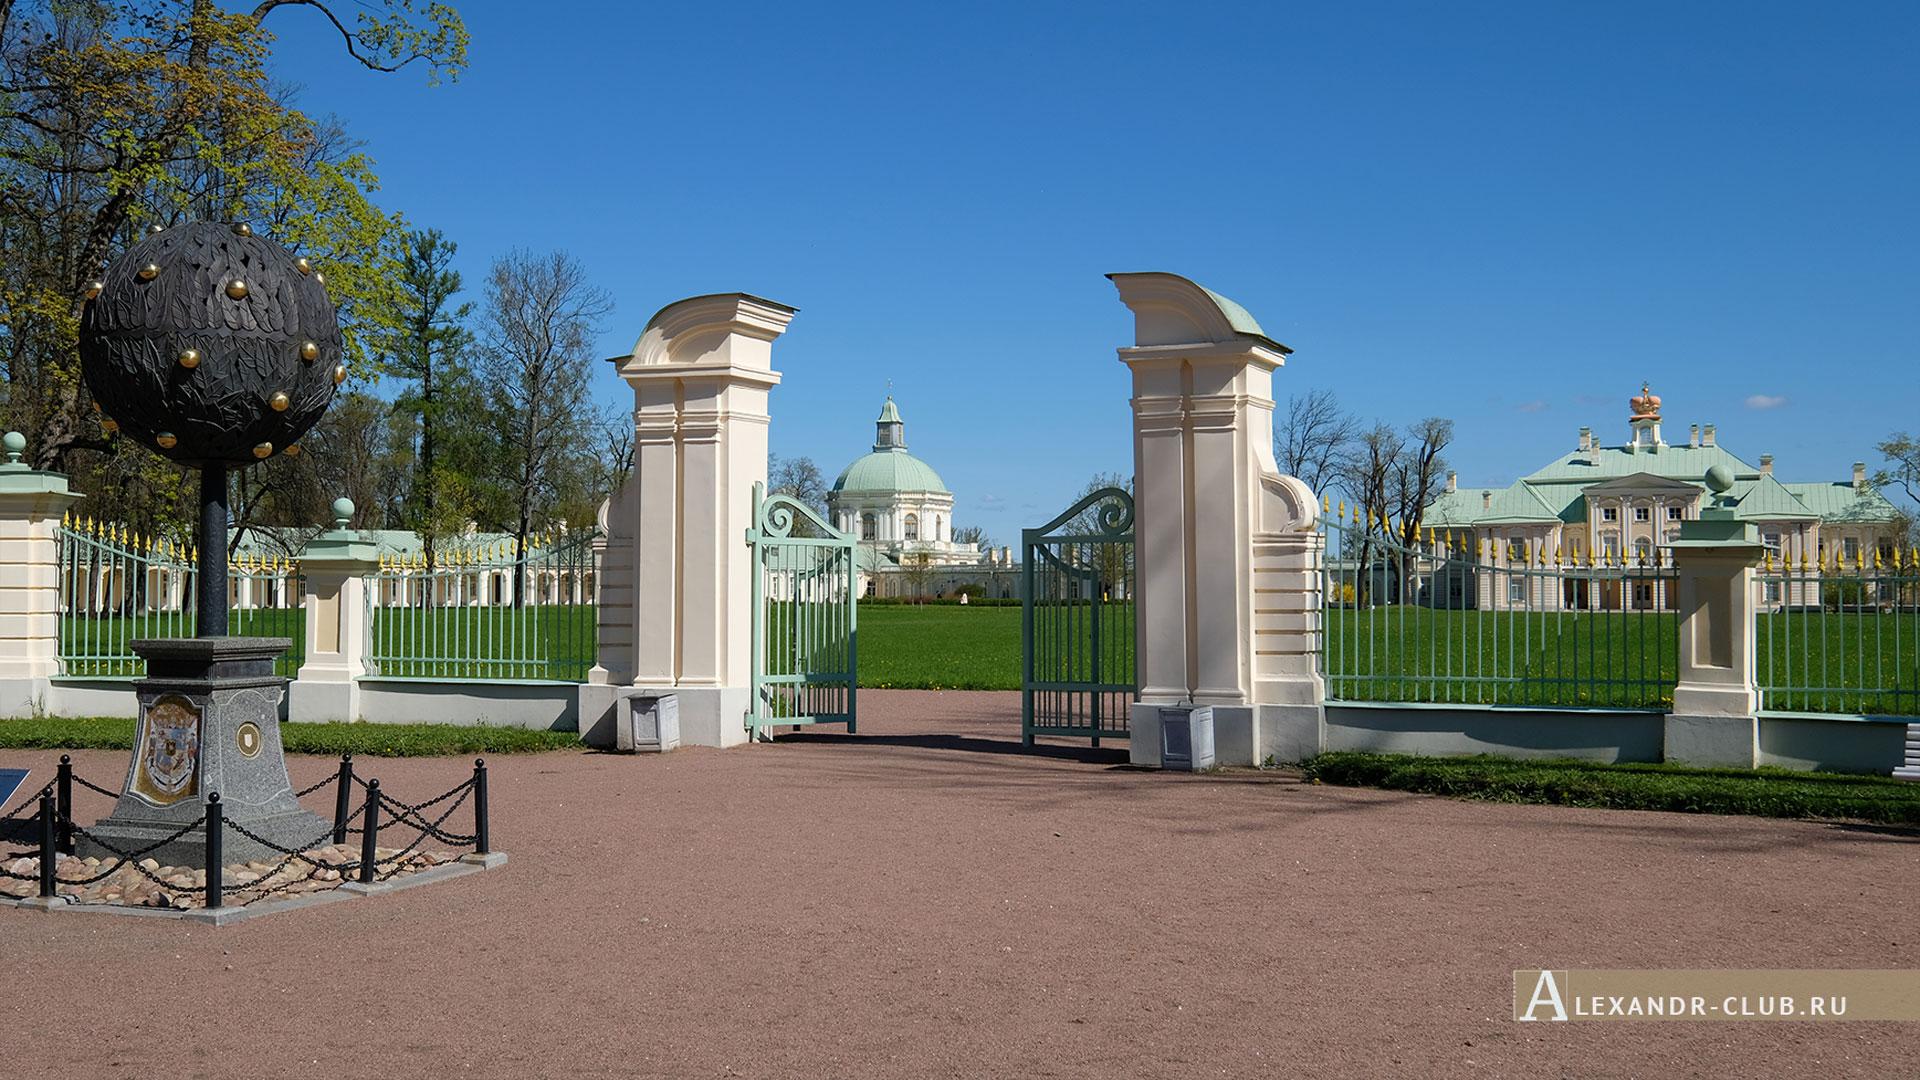 Ораниенбаум, весна, Большой Меншиковский дворец, двор